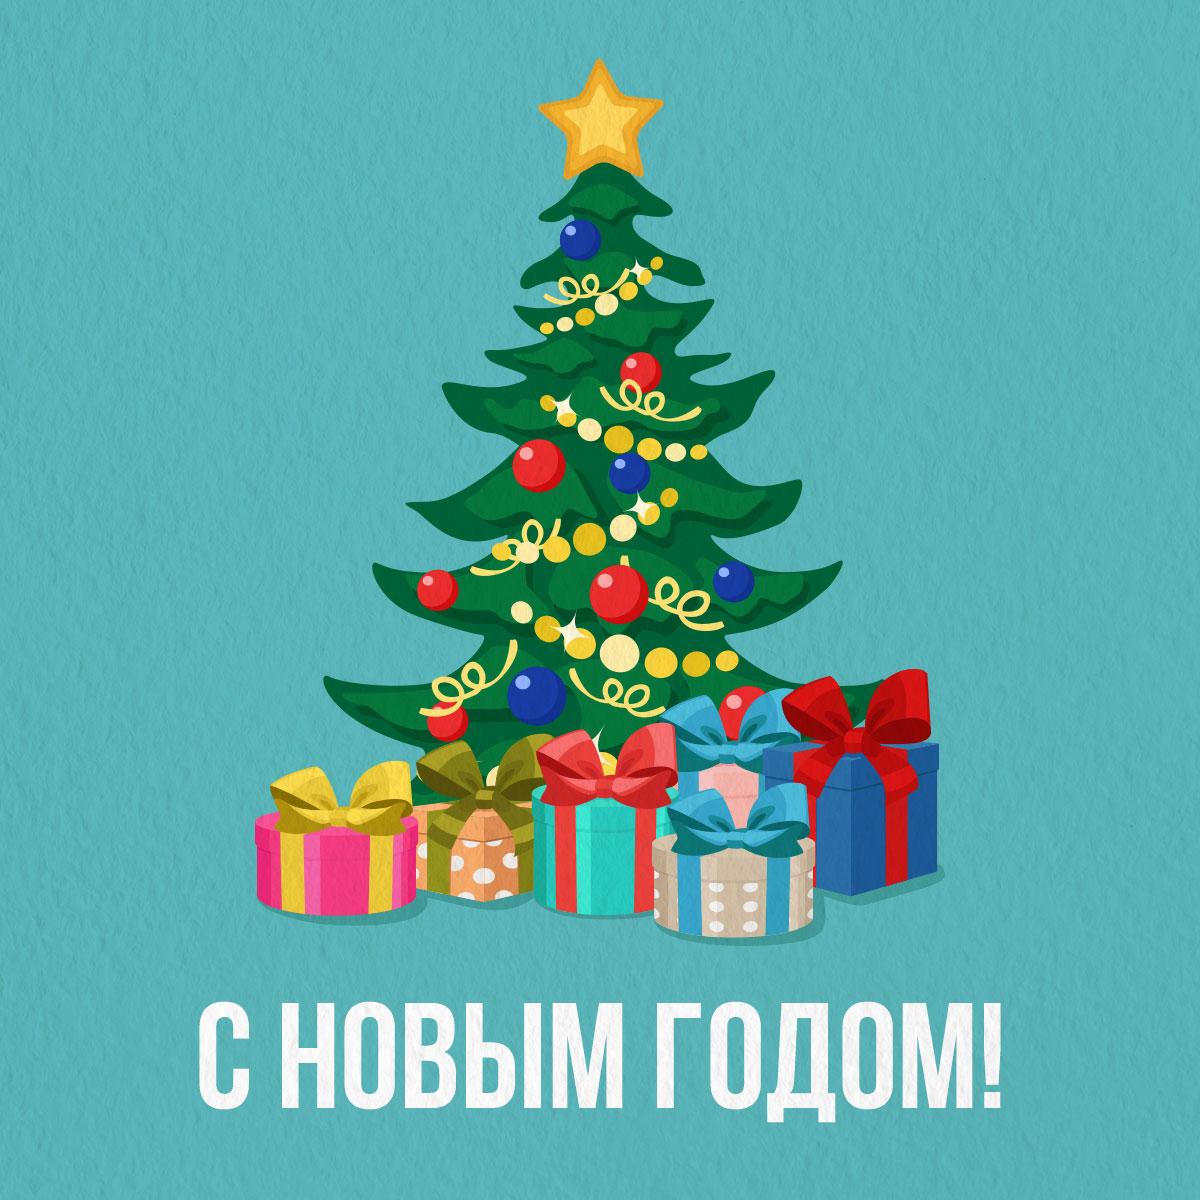 Бирюзовая картинка с украшенной рождественской ёлкой с подарками.